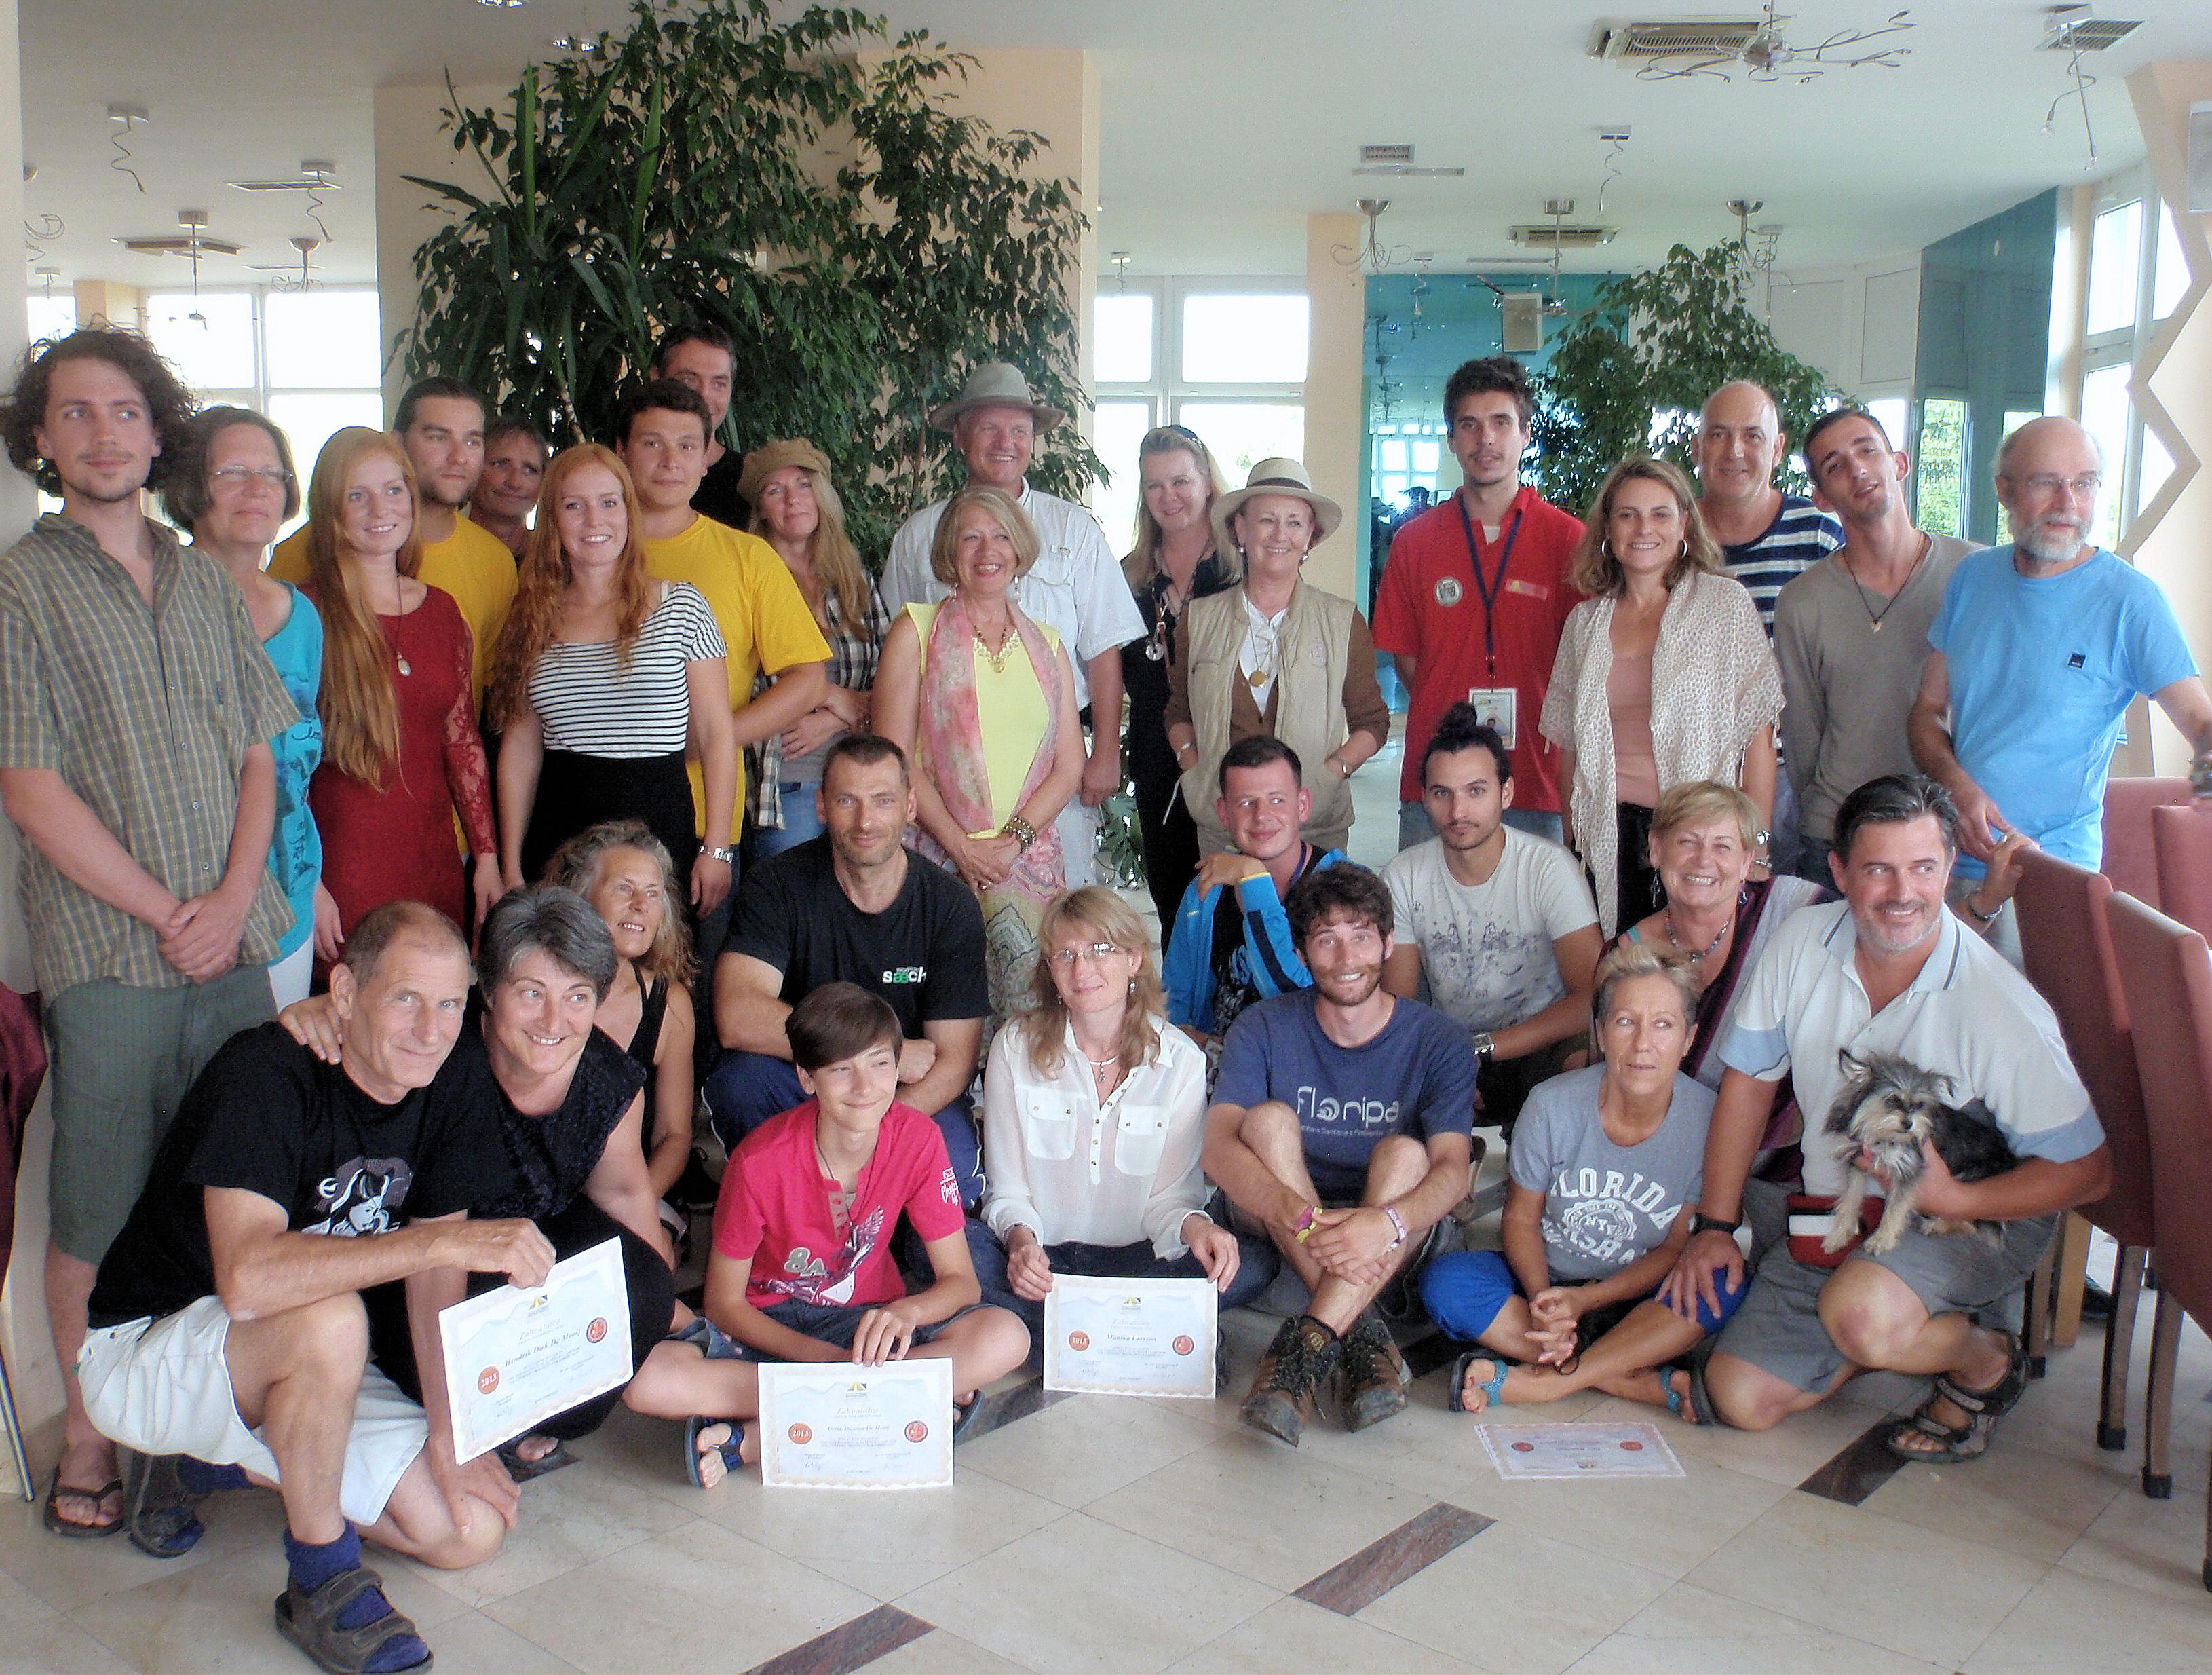 Foto grupal después de la entrega de los certificados por el dr. Semir Osmanagich a los voluntarios del 6º turno